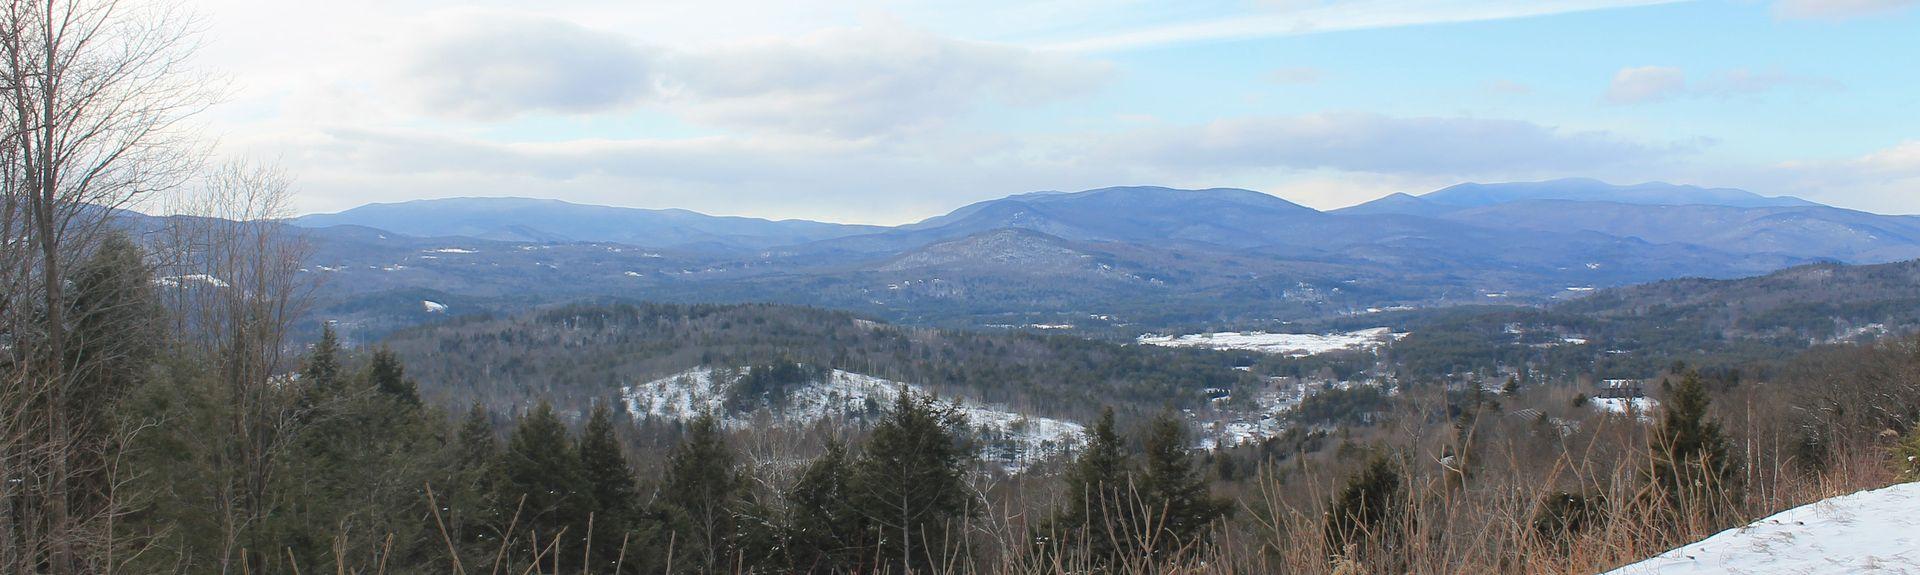 Waterville Valley Resort (station de sports d'hiver), Thornton, New Hampshire, États-Unis d'Amérique